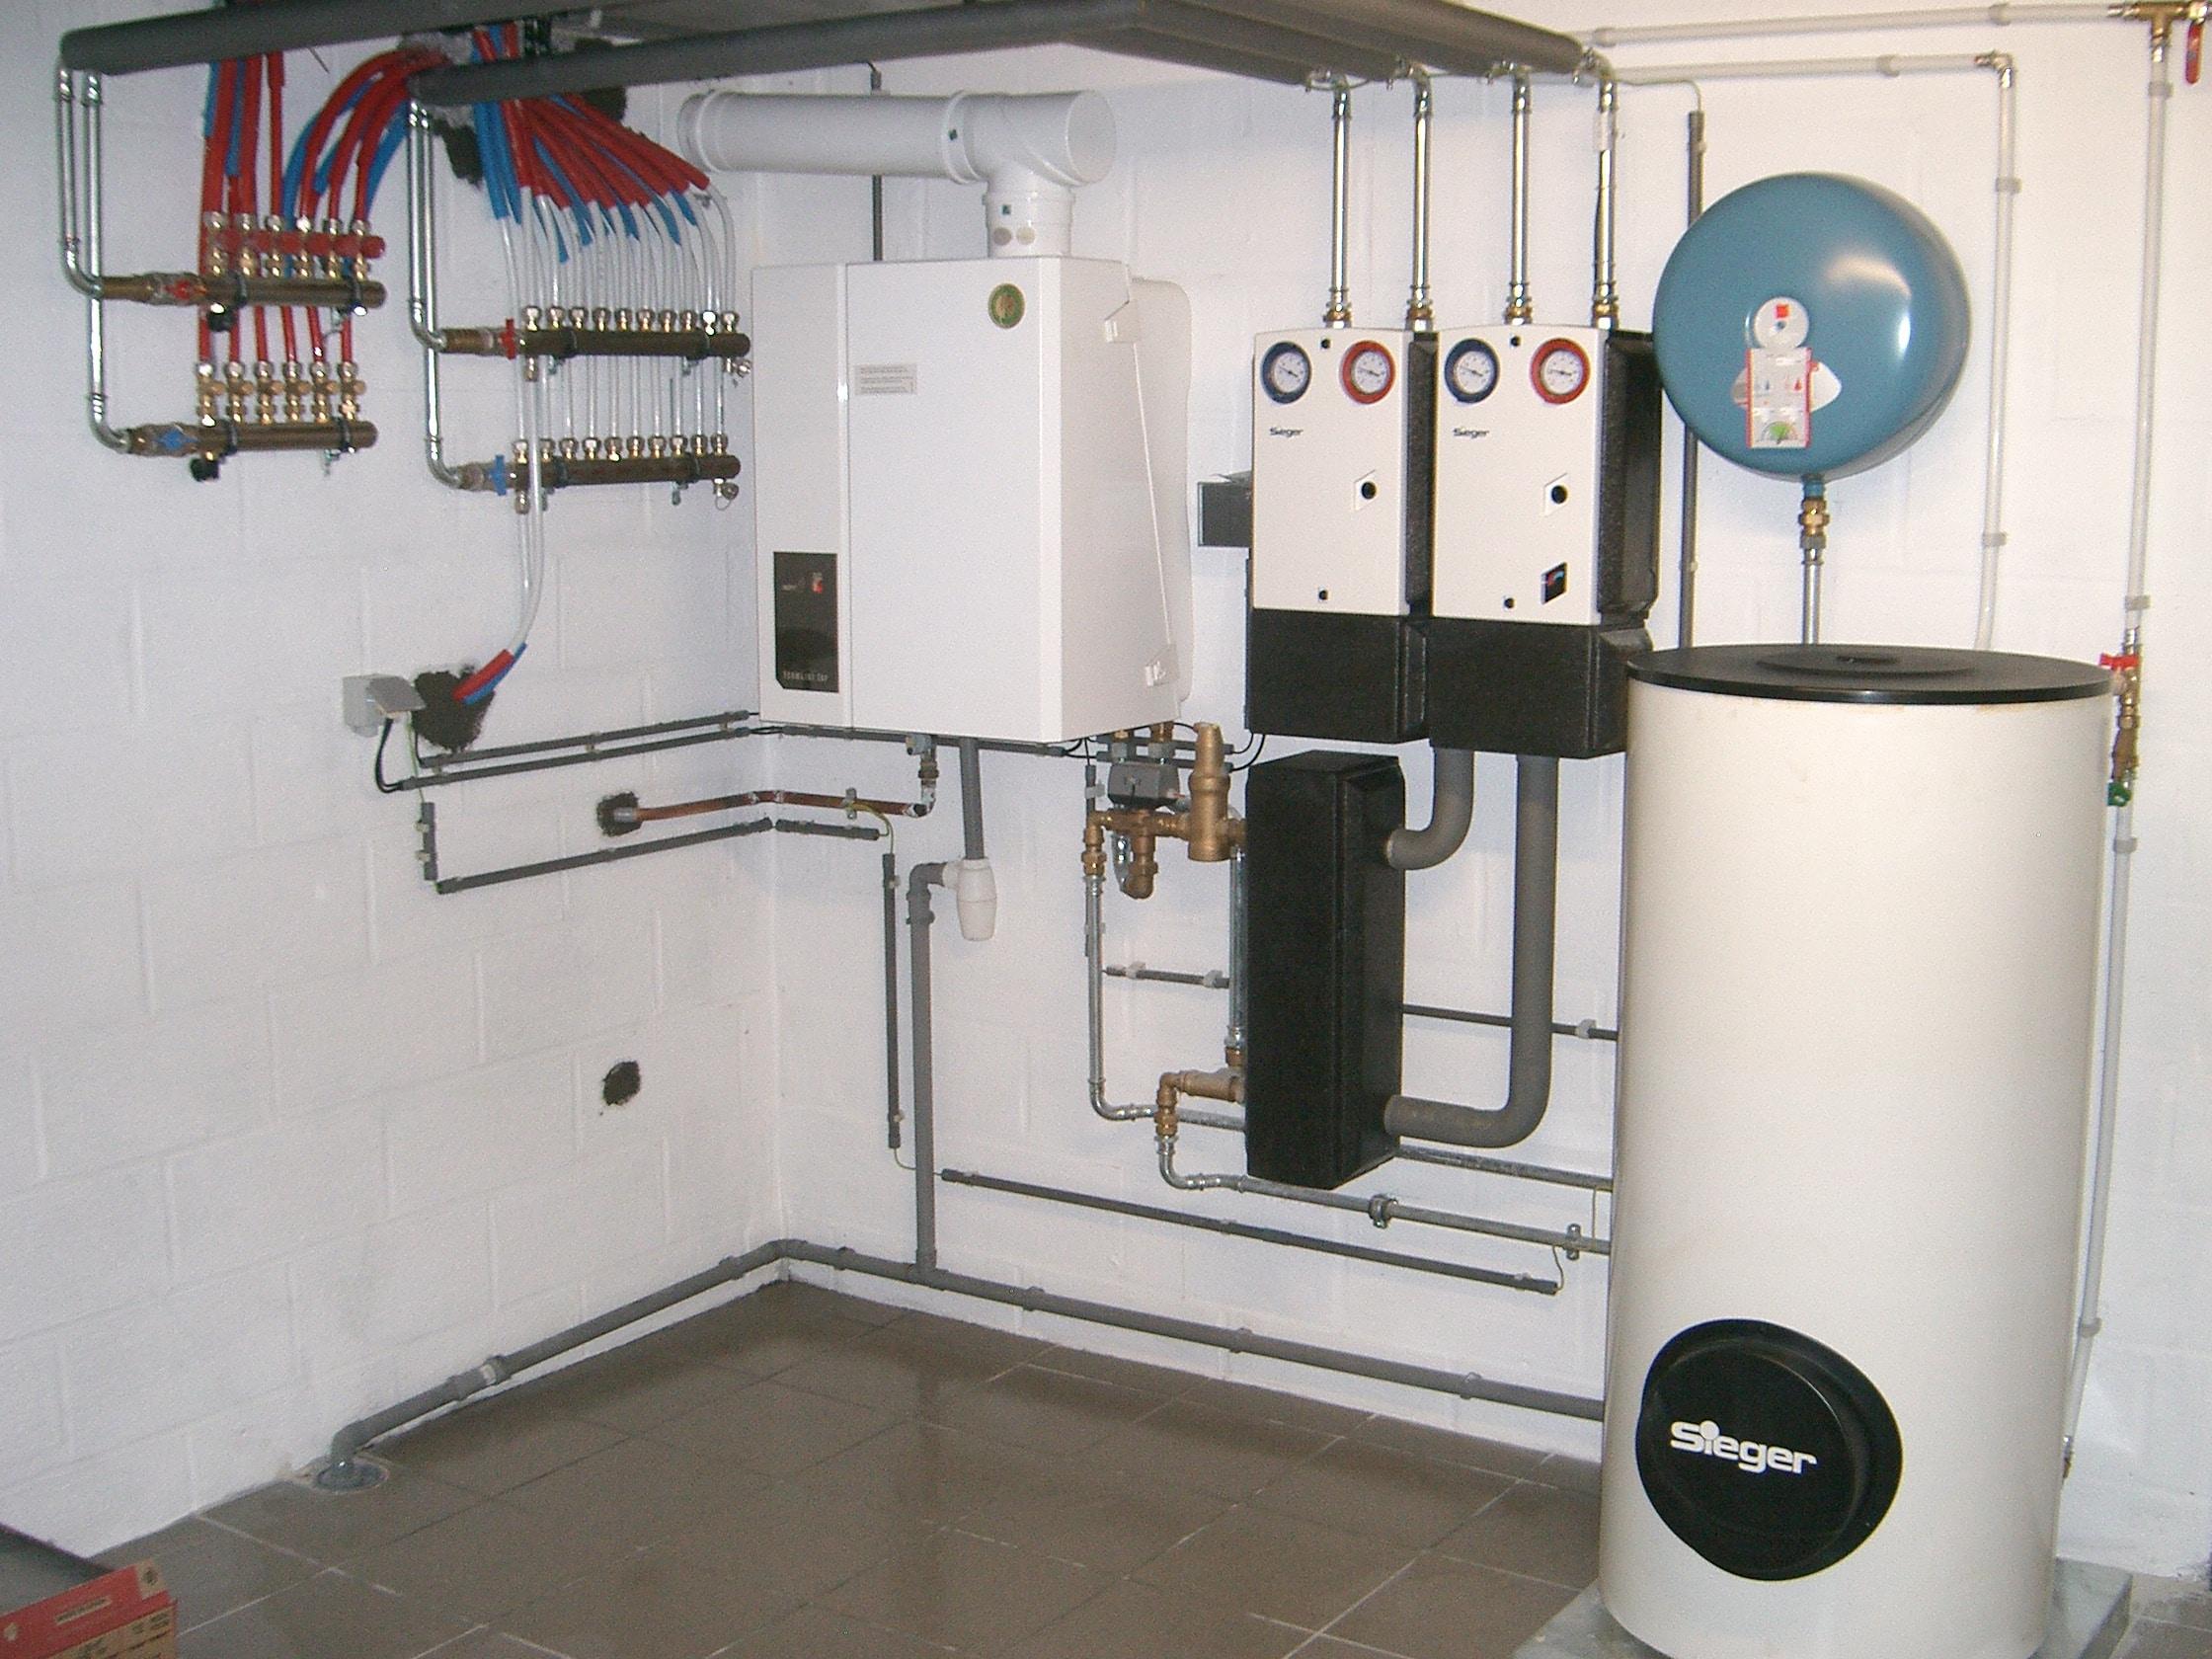 chaudi re gaz condensation les conseils pour bien choisir. Black Bedroom Furniture Sets. Home Design Ideas